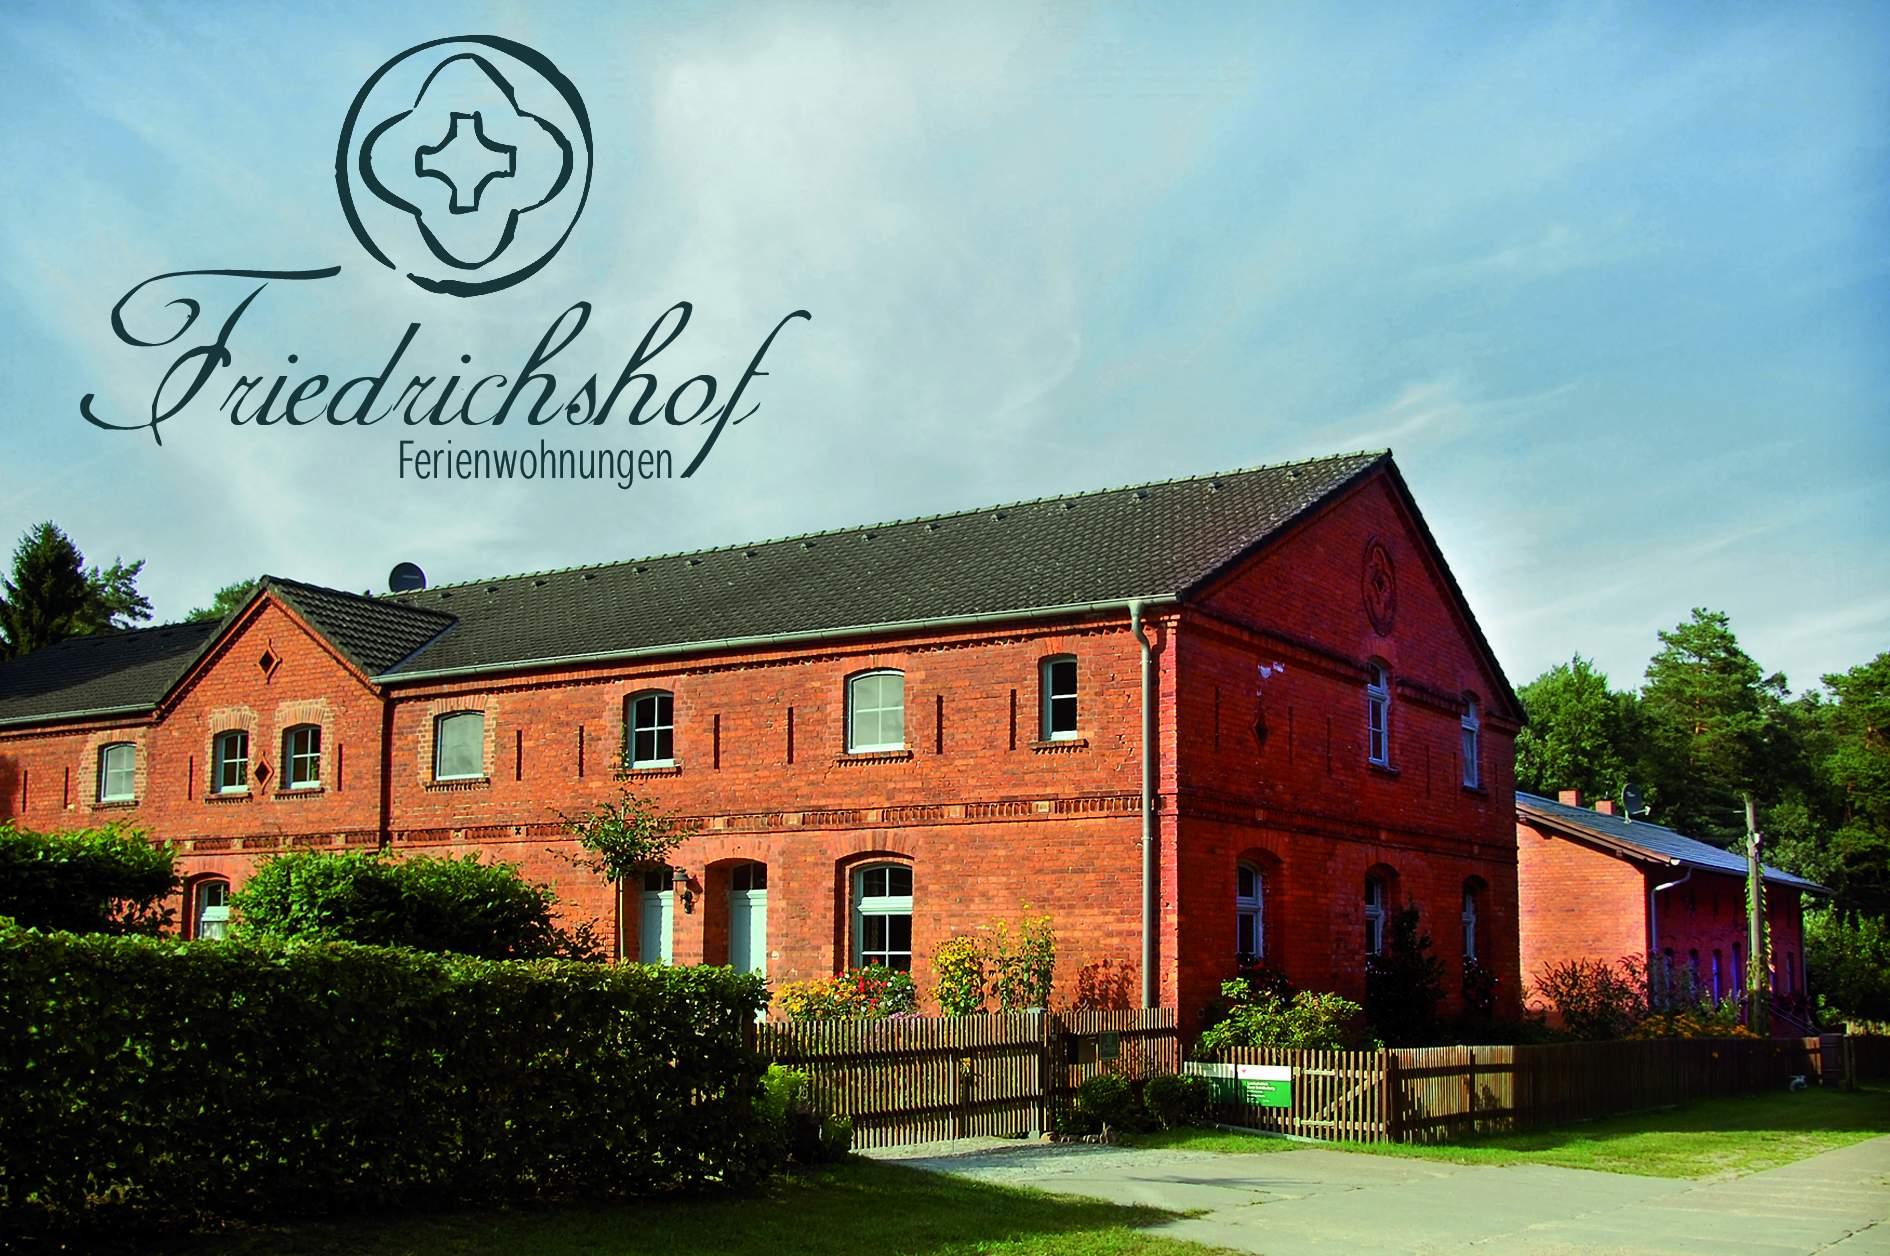 yKTVnR Friedrichshof mit Logo Friedrichshof Ferienwohnungen